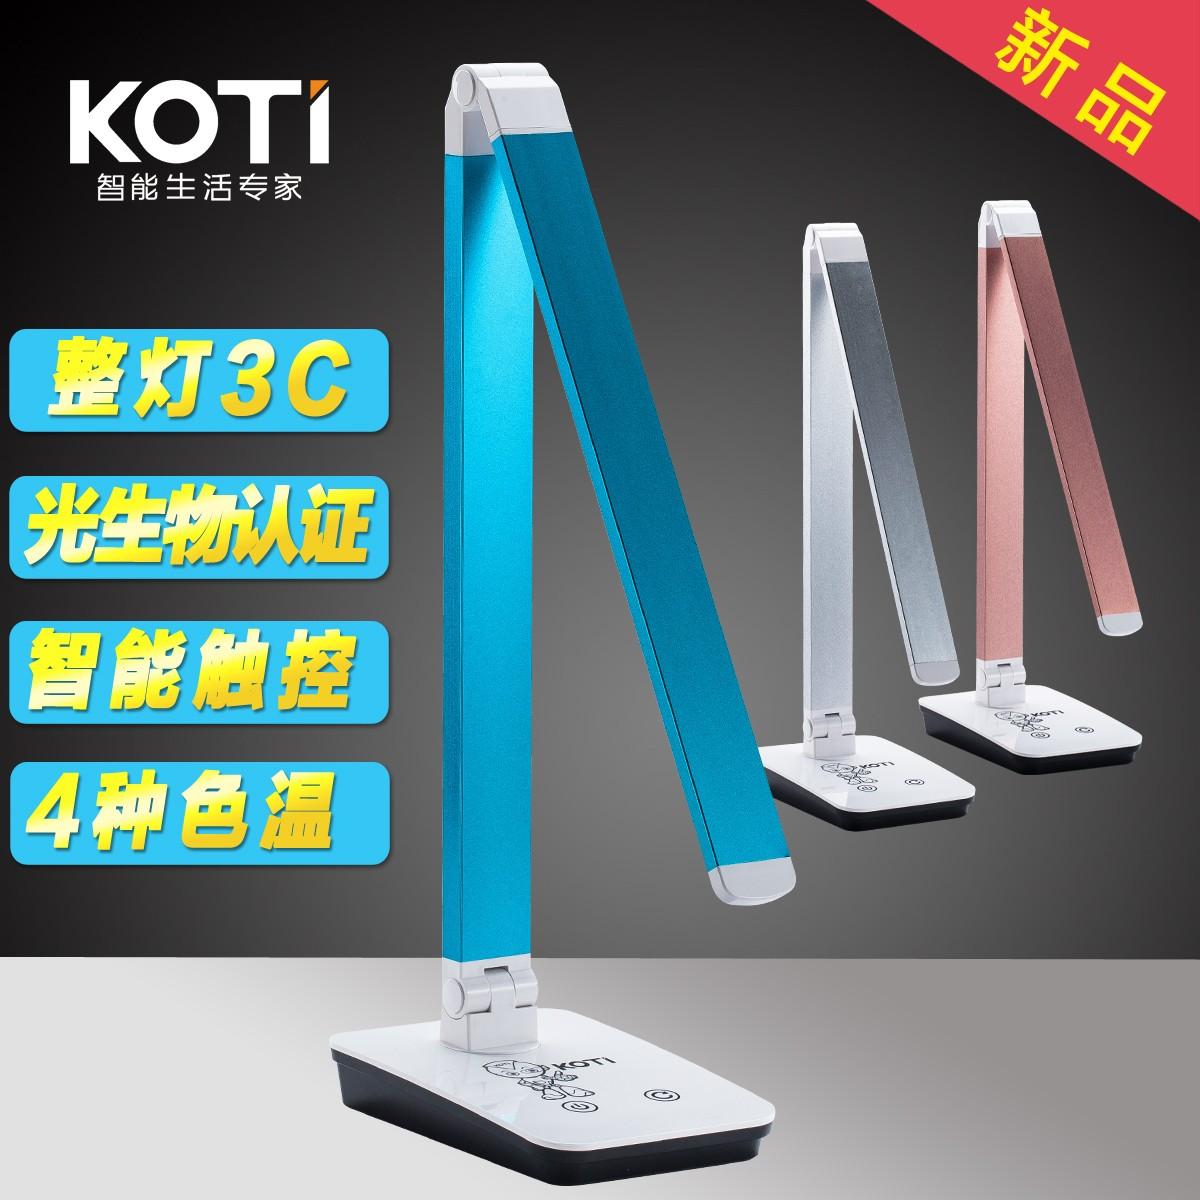 柯帝学习护眼led台灯KT-158